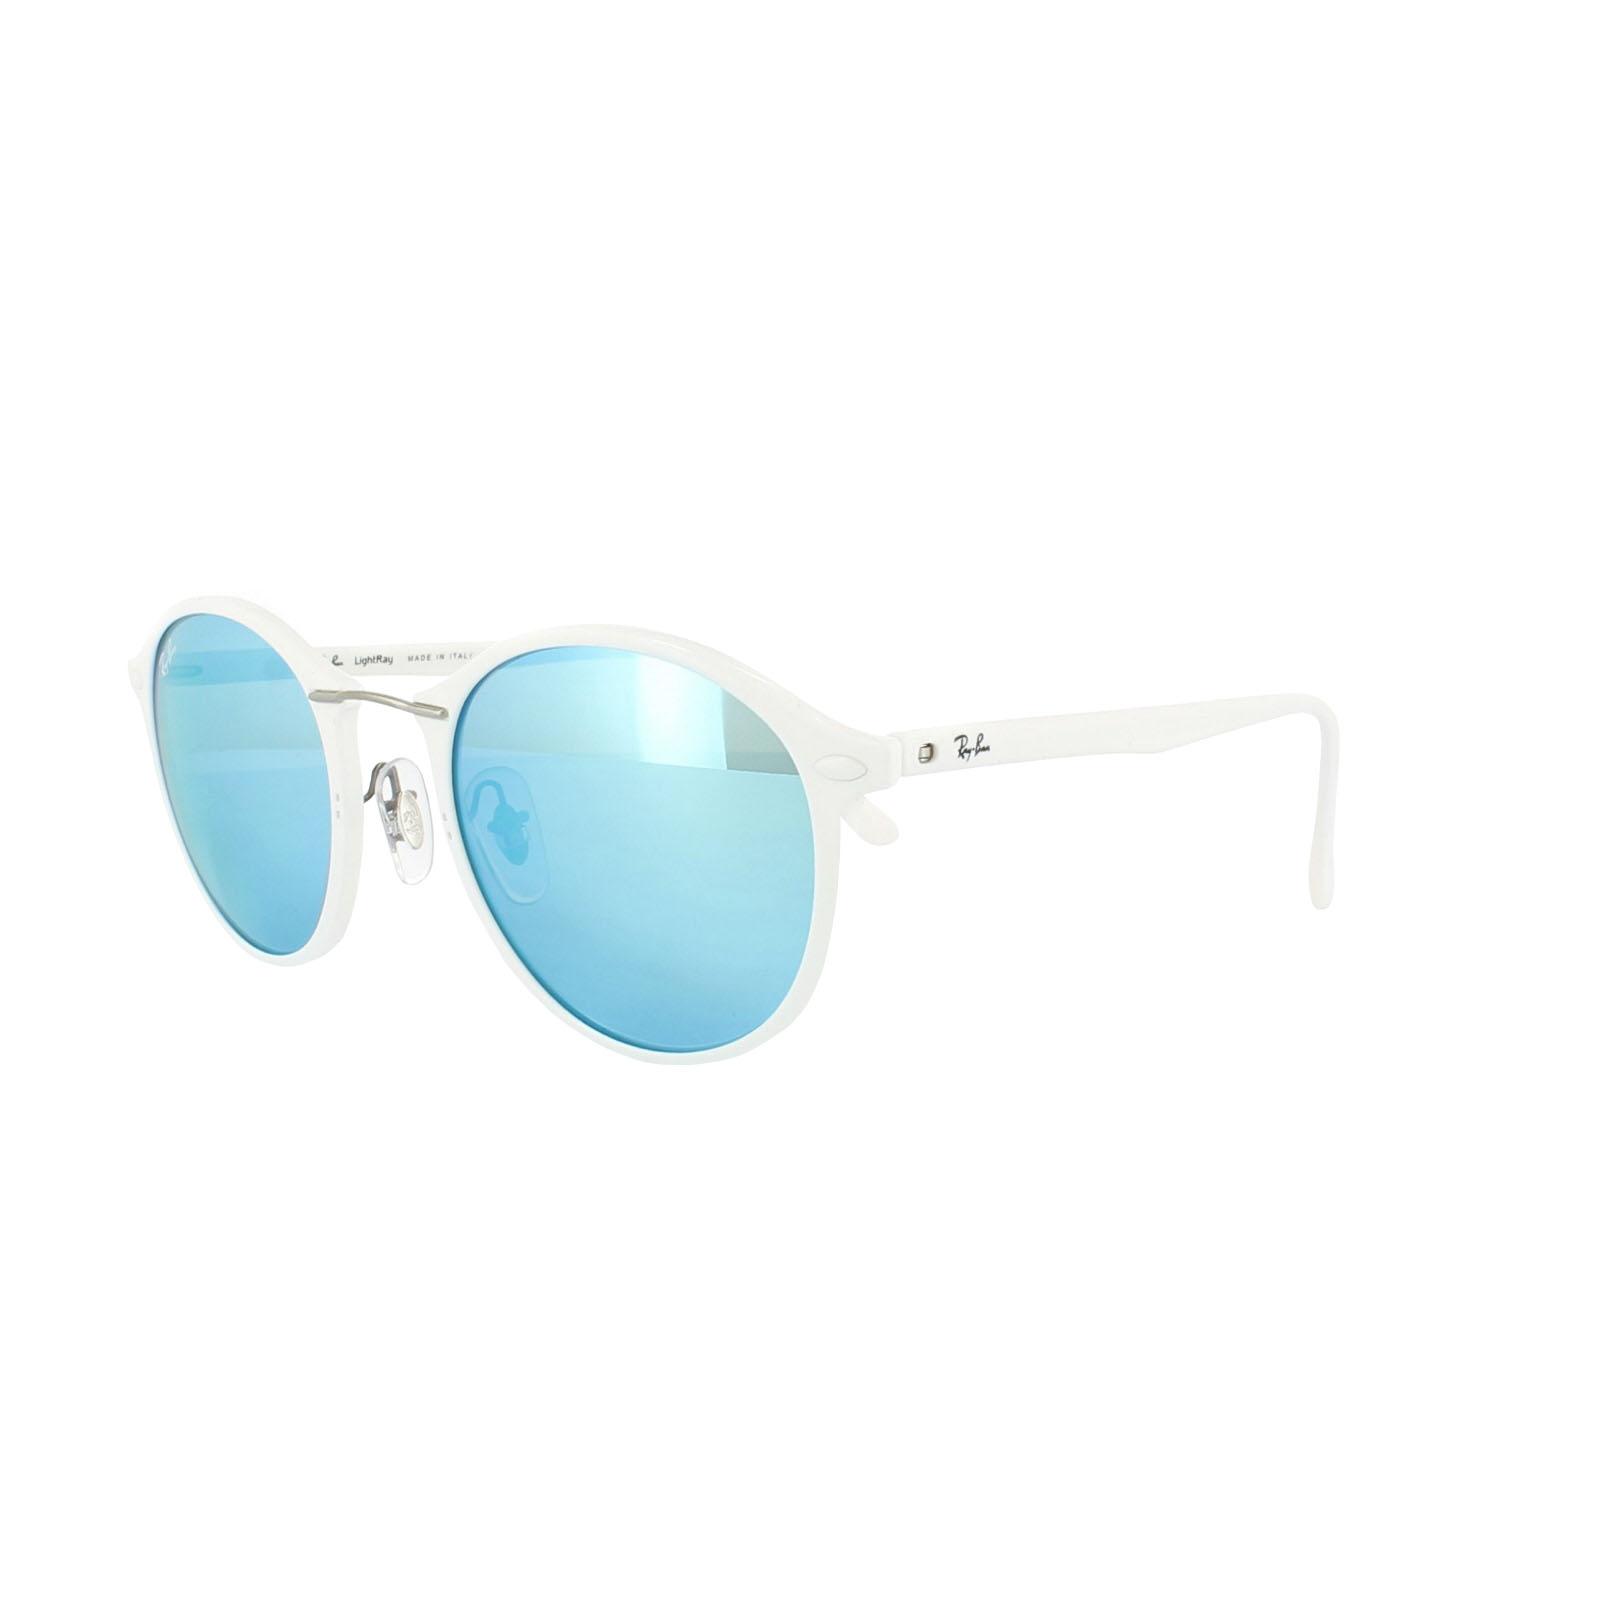 ray ban sonnenbrille weiß